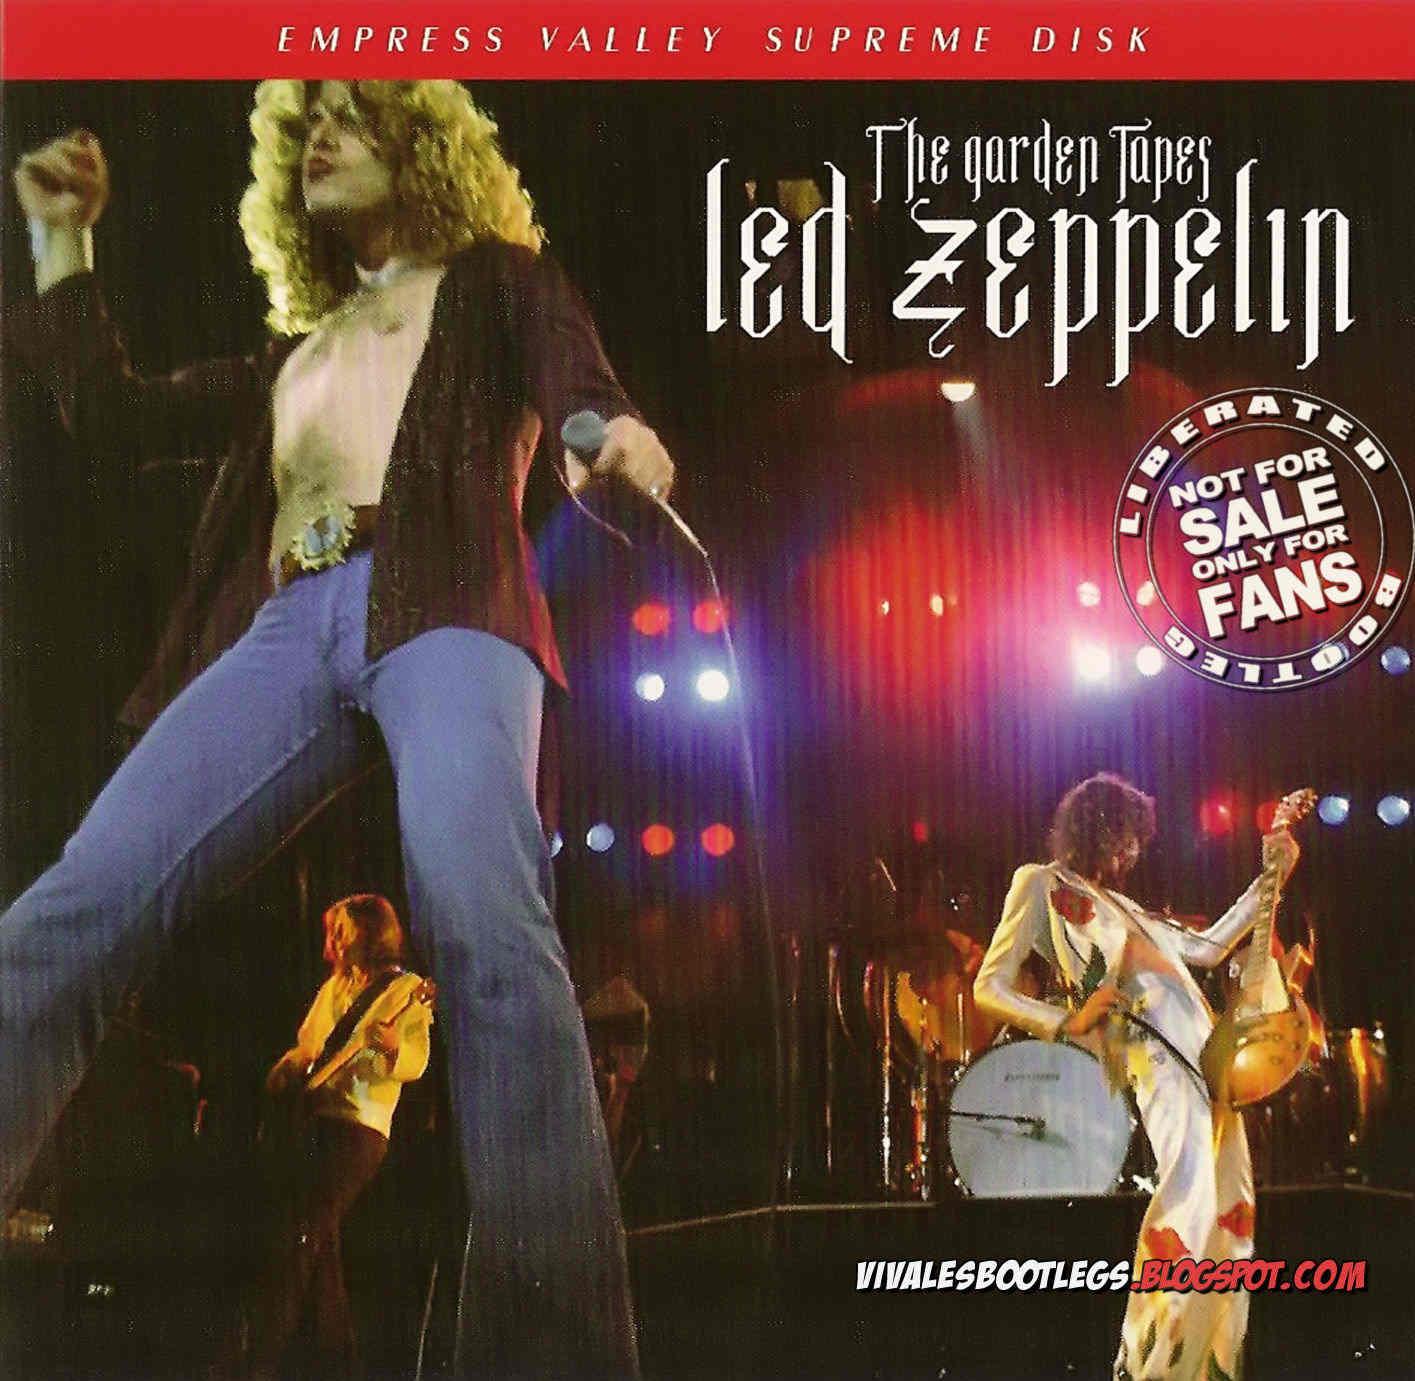 Led Zeppelin: The Garden Tapes  Madison Square Garden, New York, USA